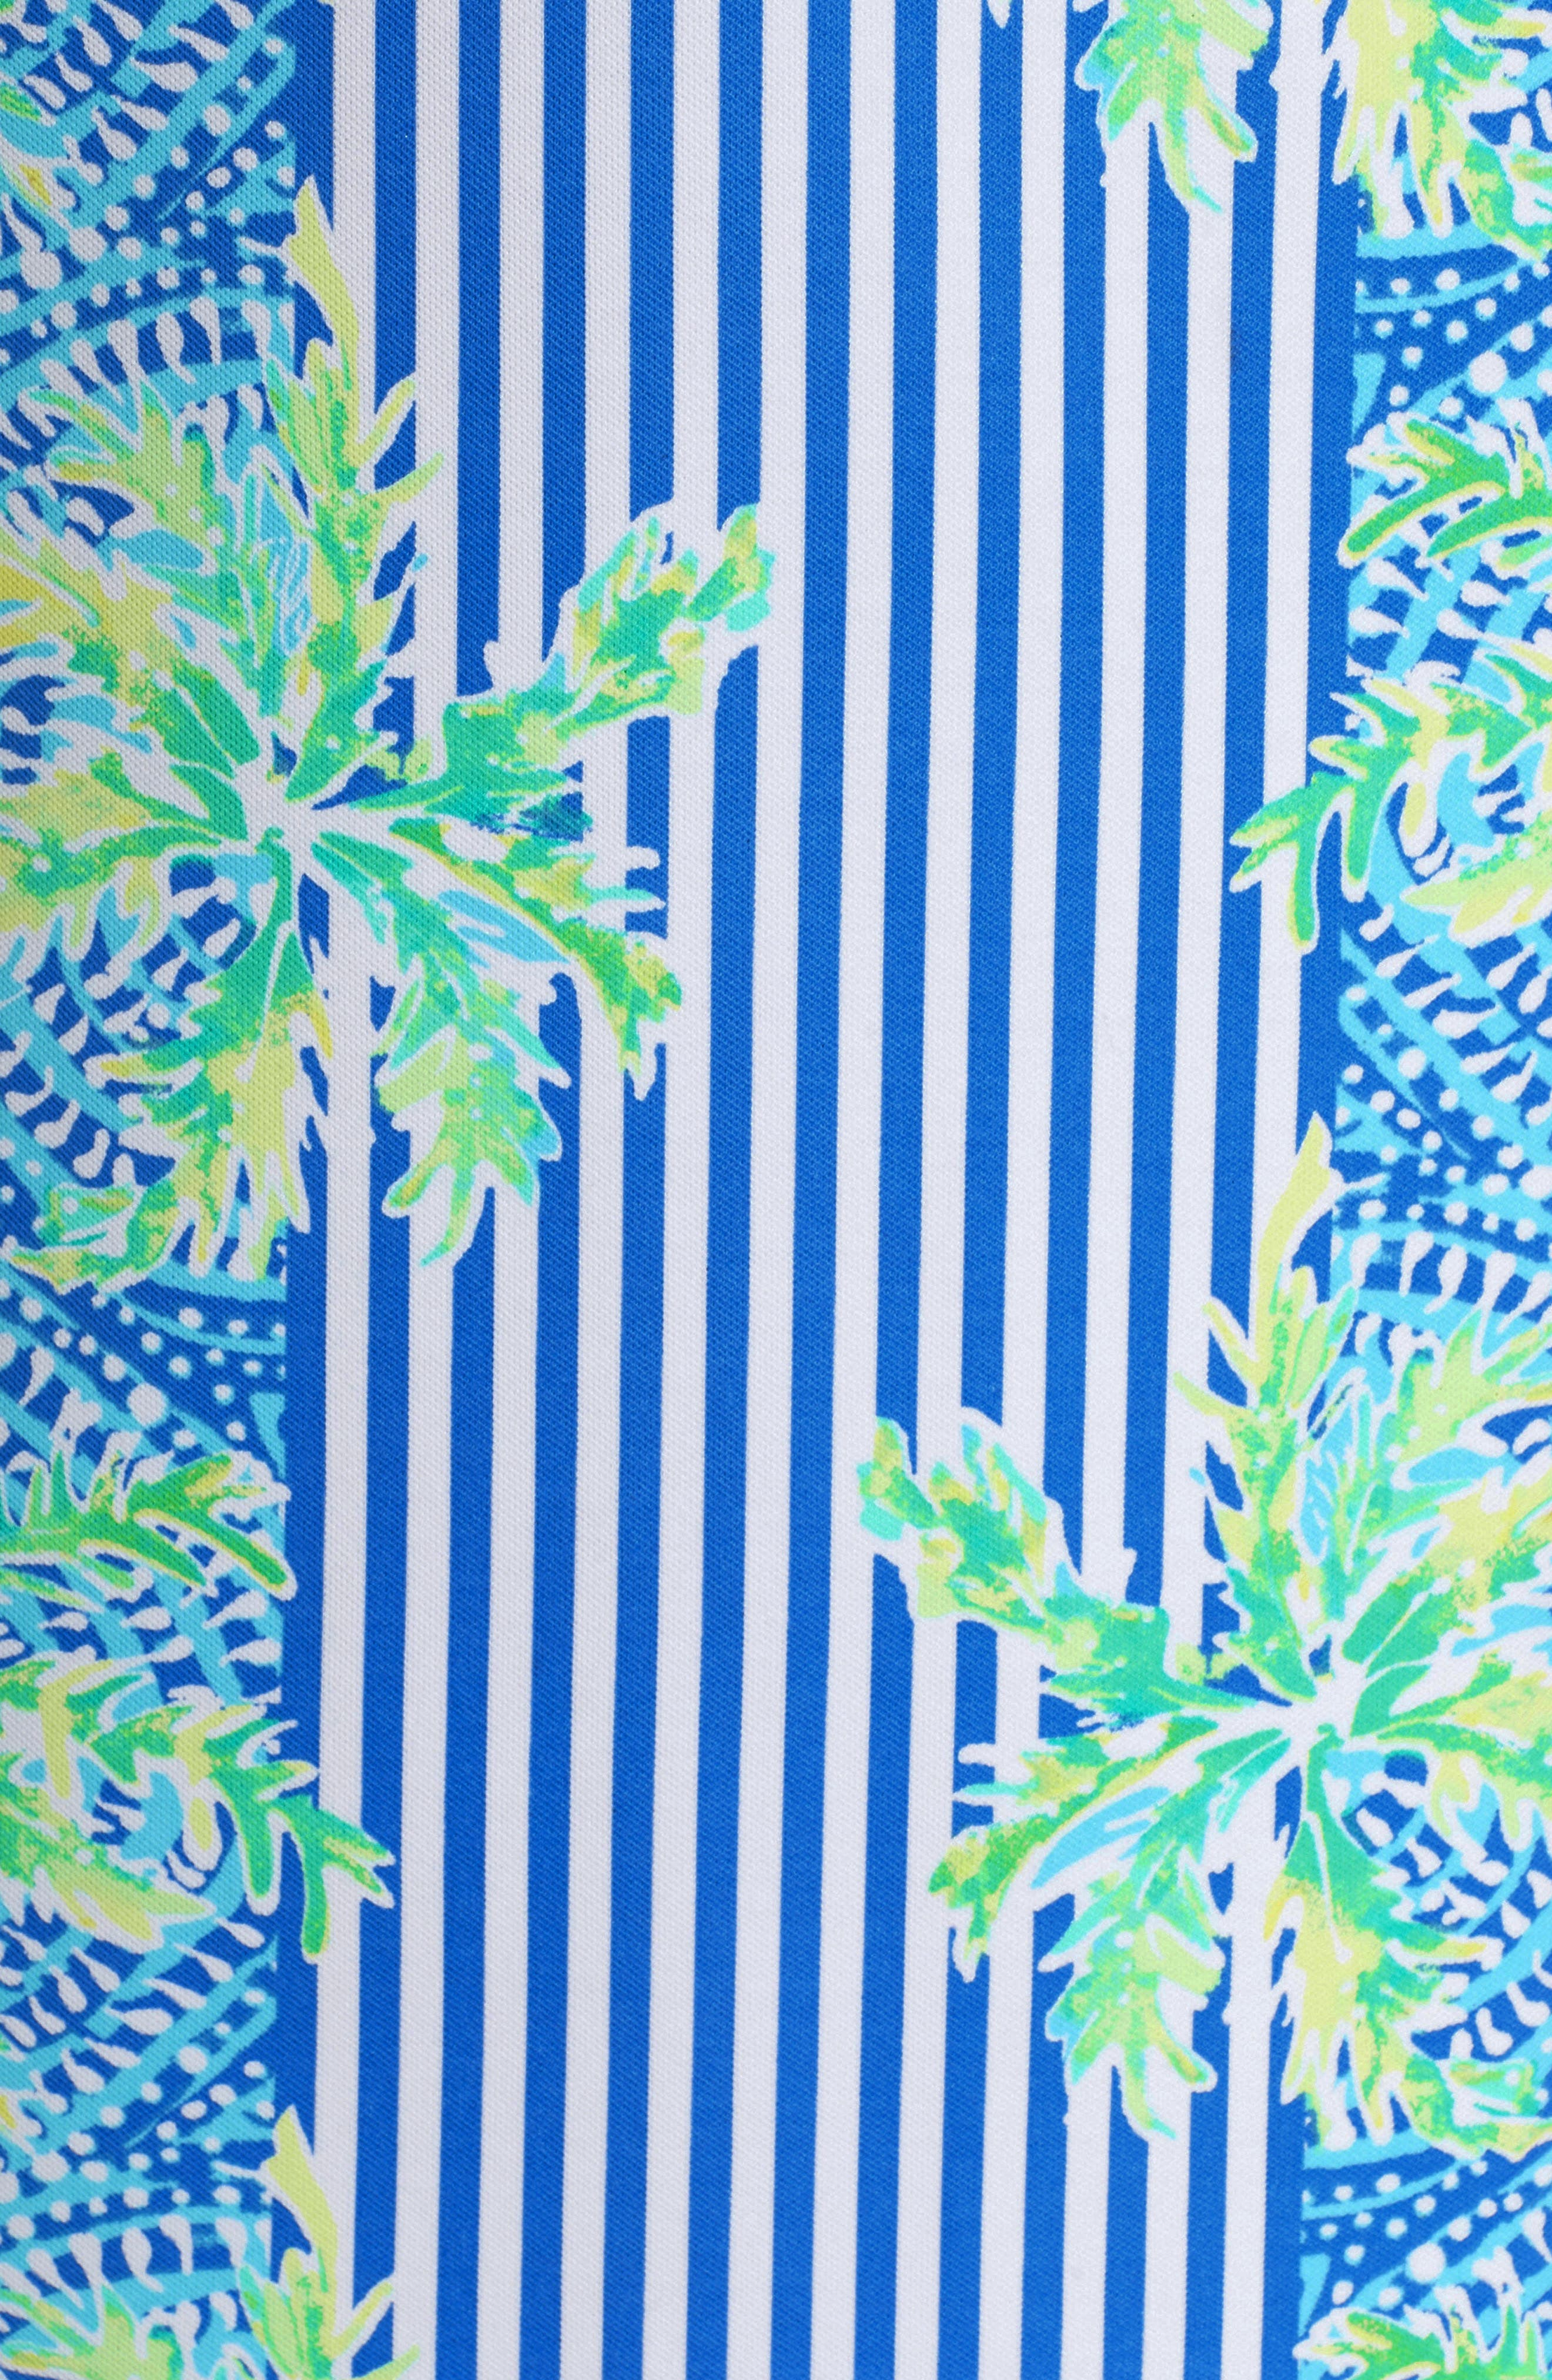 Chiara Stripe & Floral Print Dress,                             Alternate thumbnail 6, color,                             420